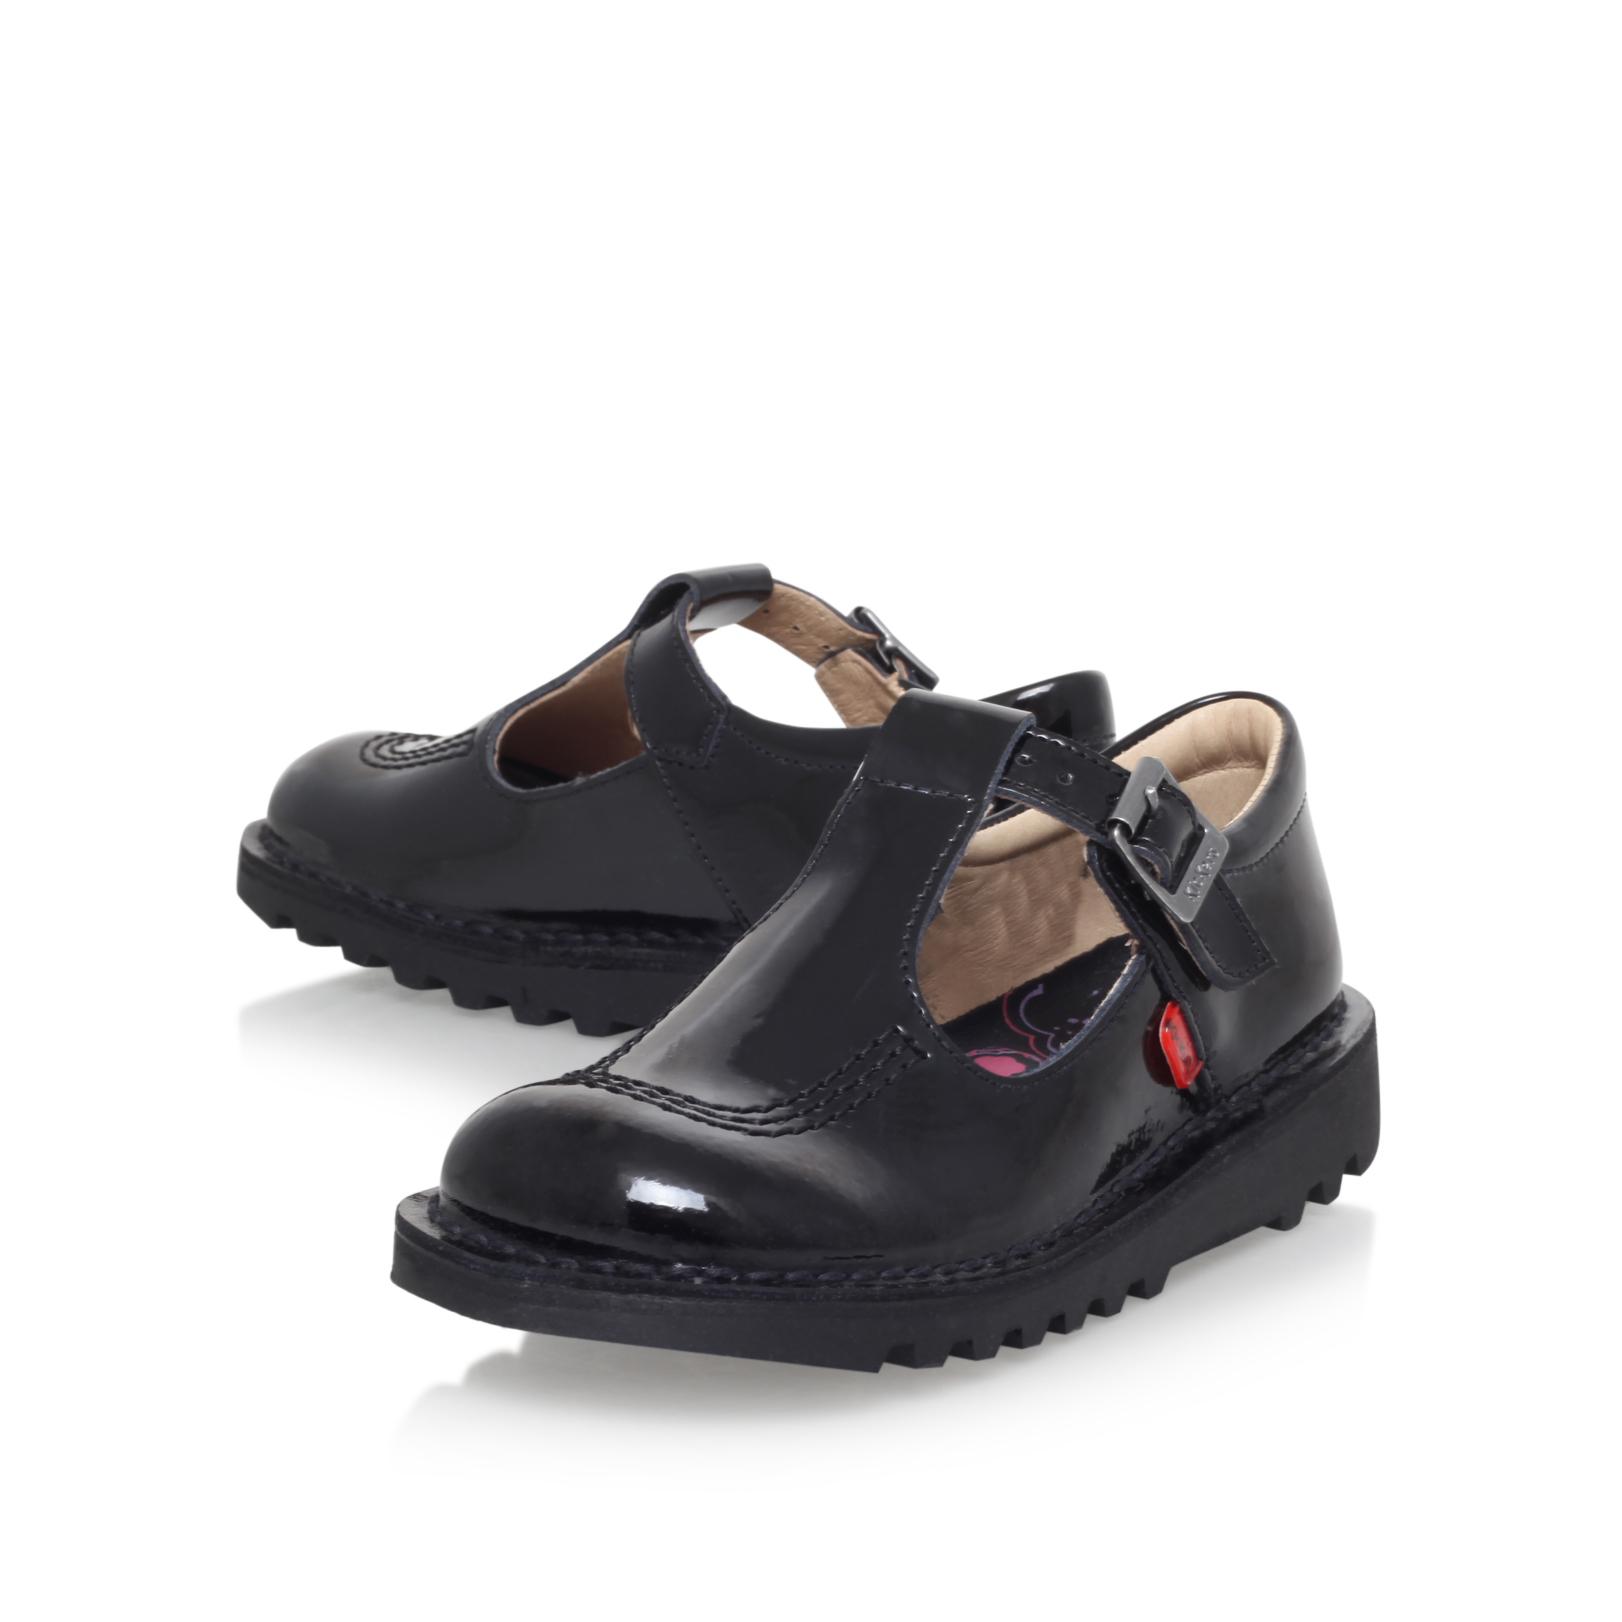 Black Patent Leather Uniform Shoes